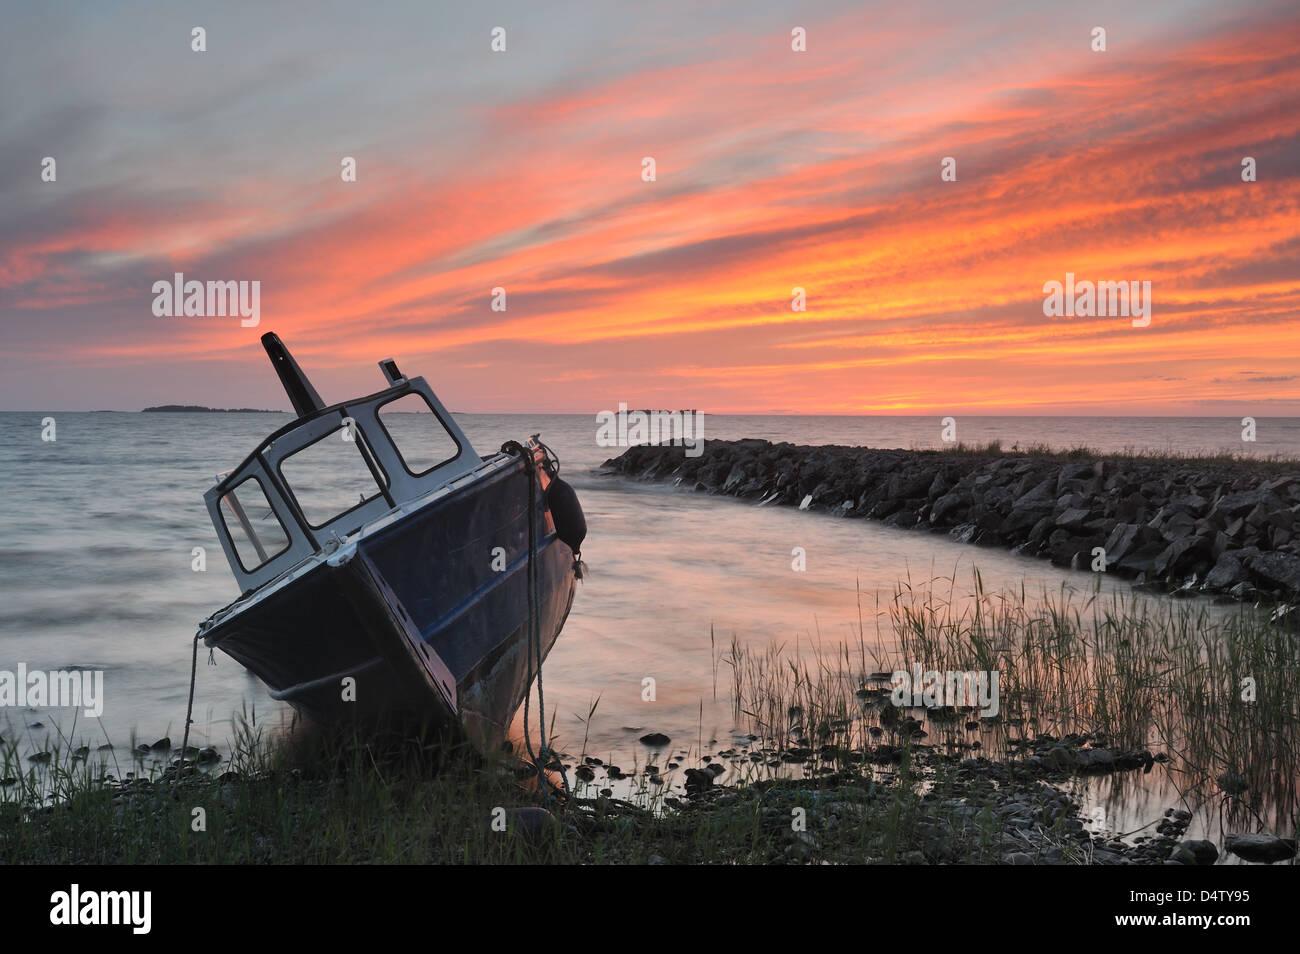 Bateau de pêche amarré sur la rive, Vänern, Suède, Europe Photo Stock